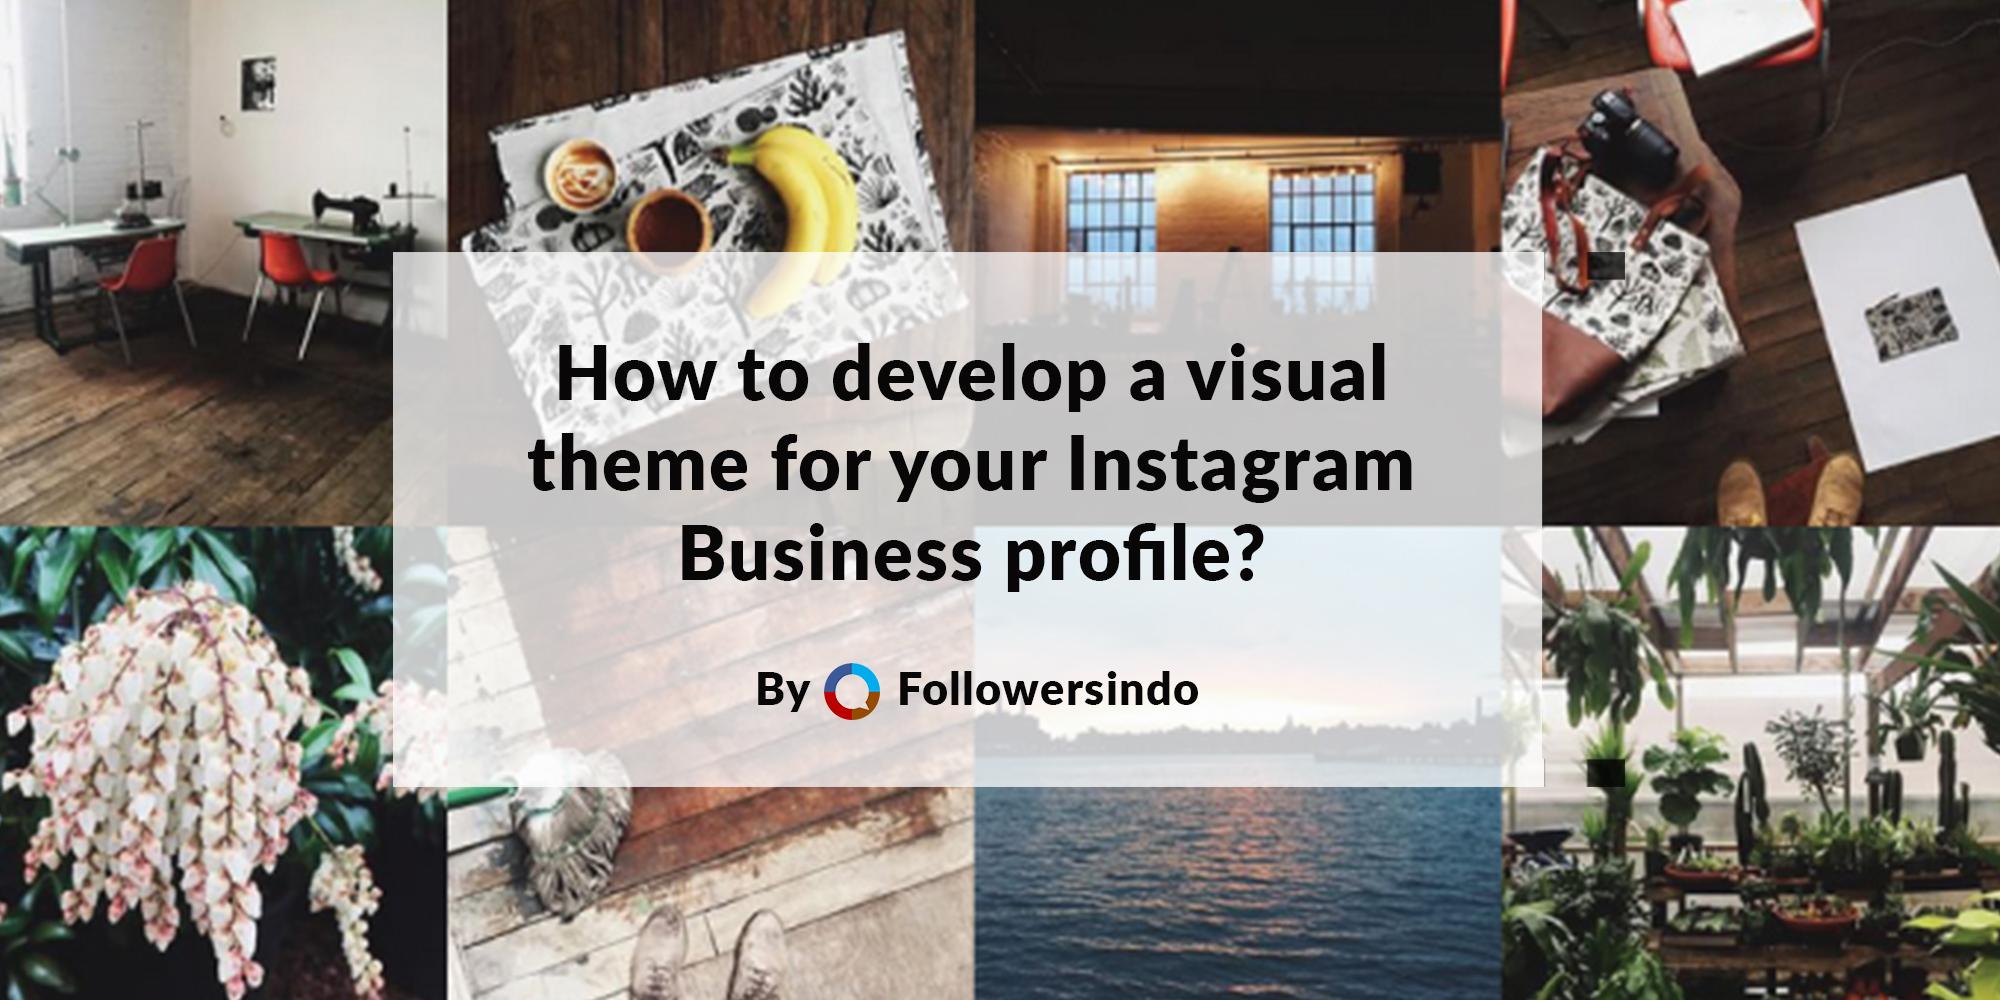 Tips baru! Cara Mengembangkan Tema Visual Untuk Akun Bisnis Instagram - Followersindo.com